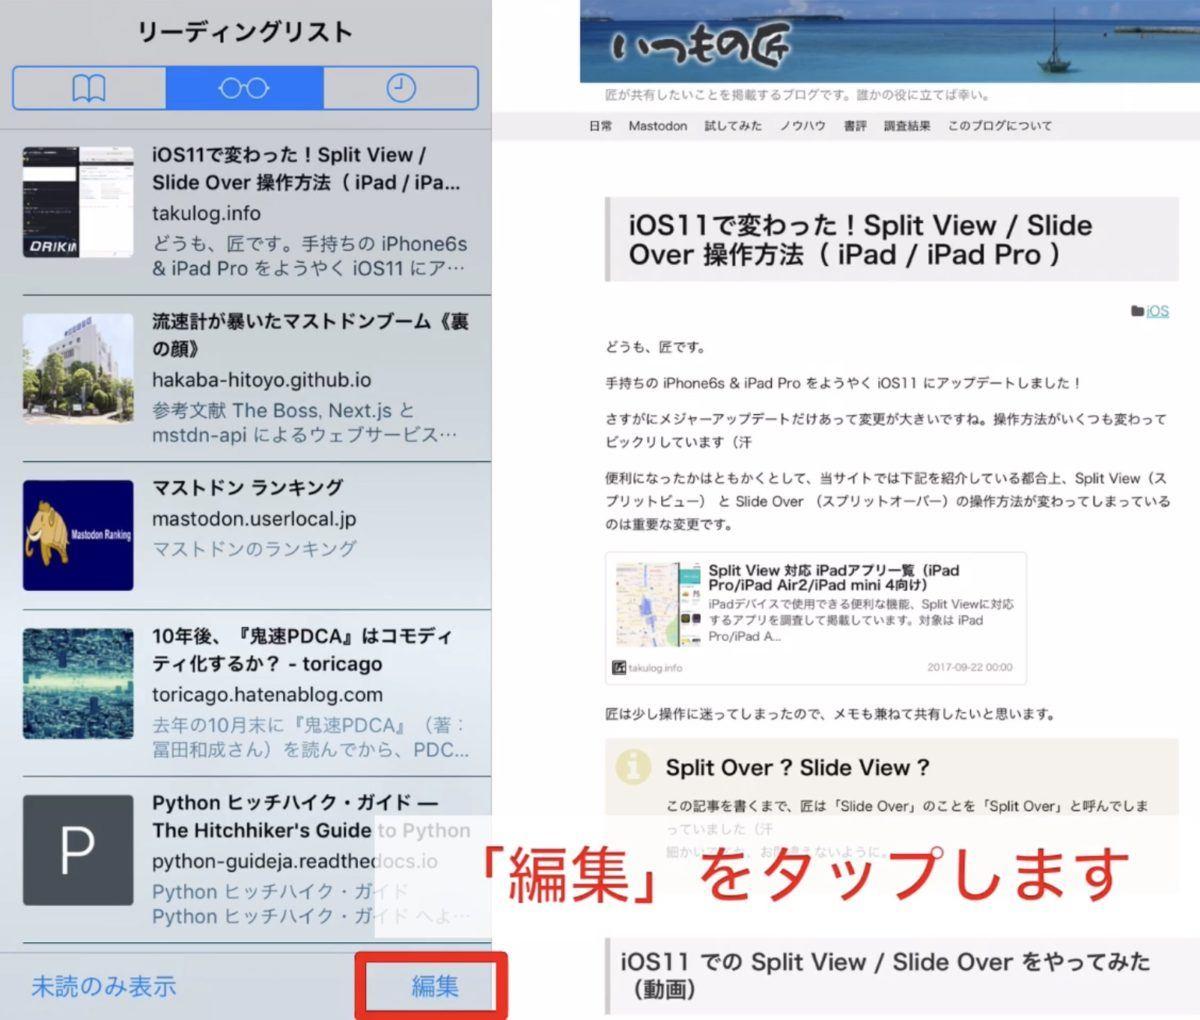 【iOS11】リーディングリストをiPhone&iPadから一括で削除する手順01